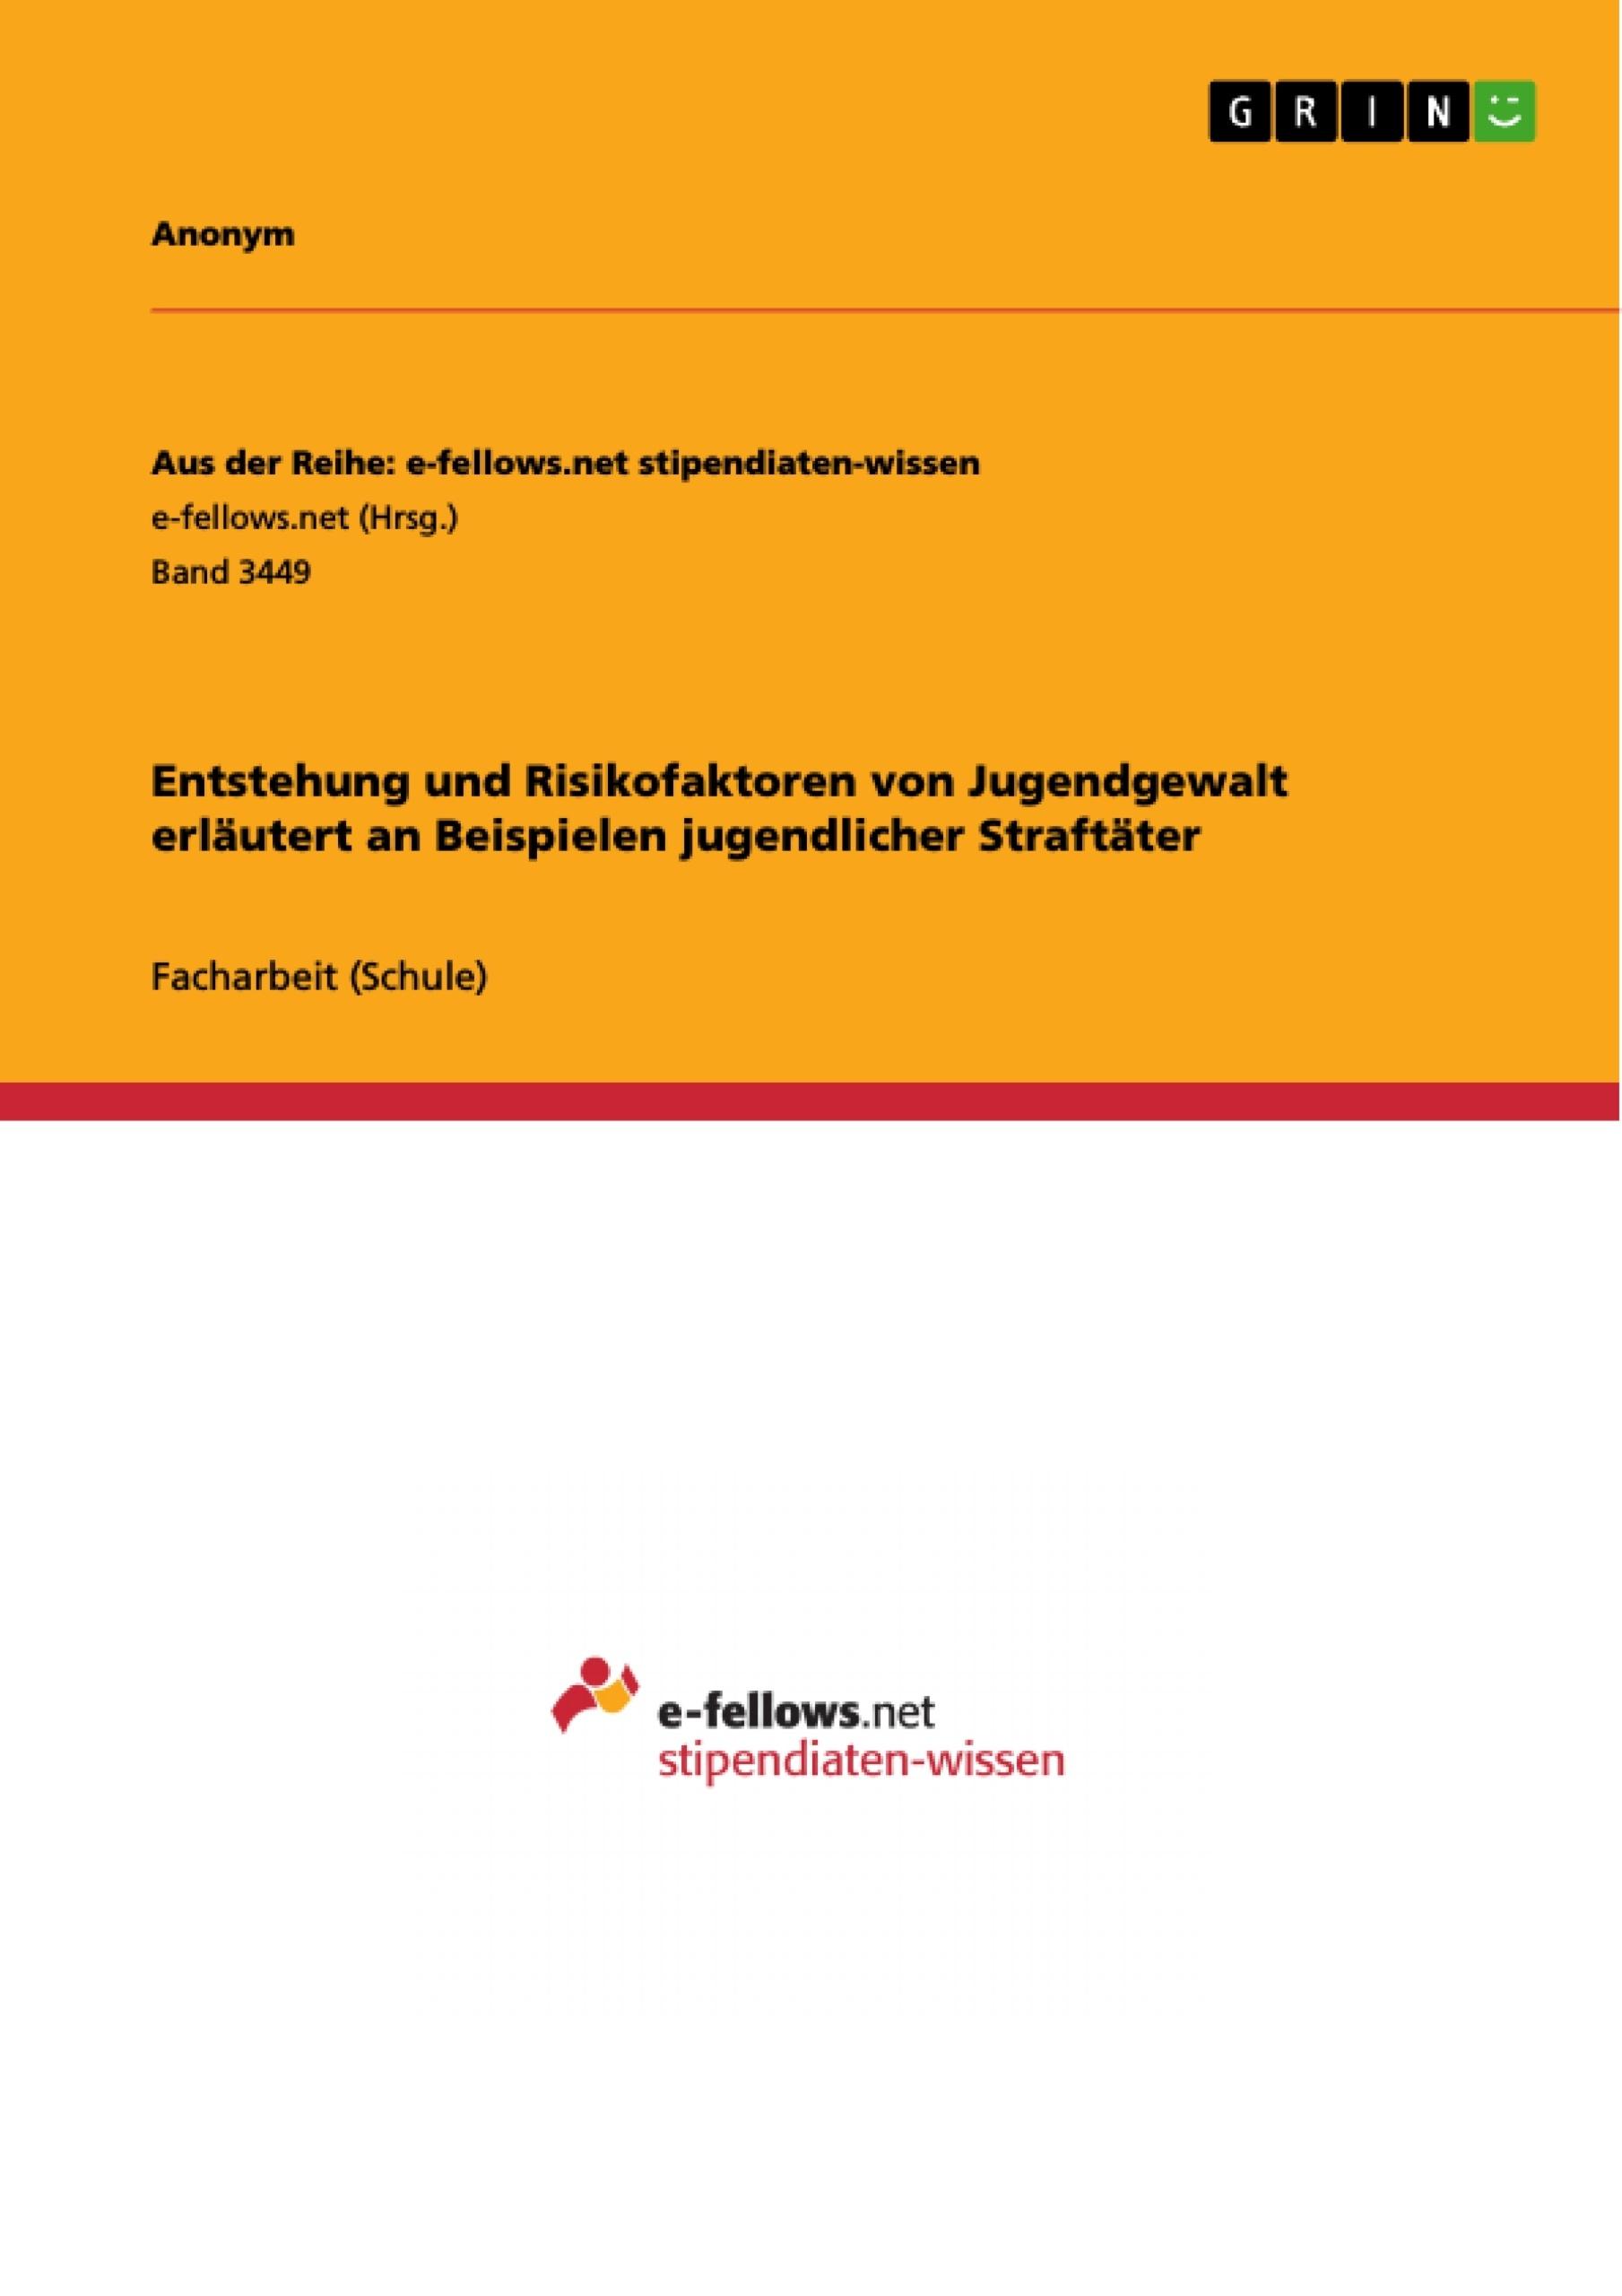 Titel: Entstehung und Risikofaktoren von Jugendgewalt erläutert an Beispielen jugendlicher Straftäter